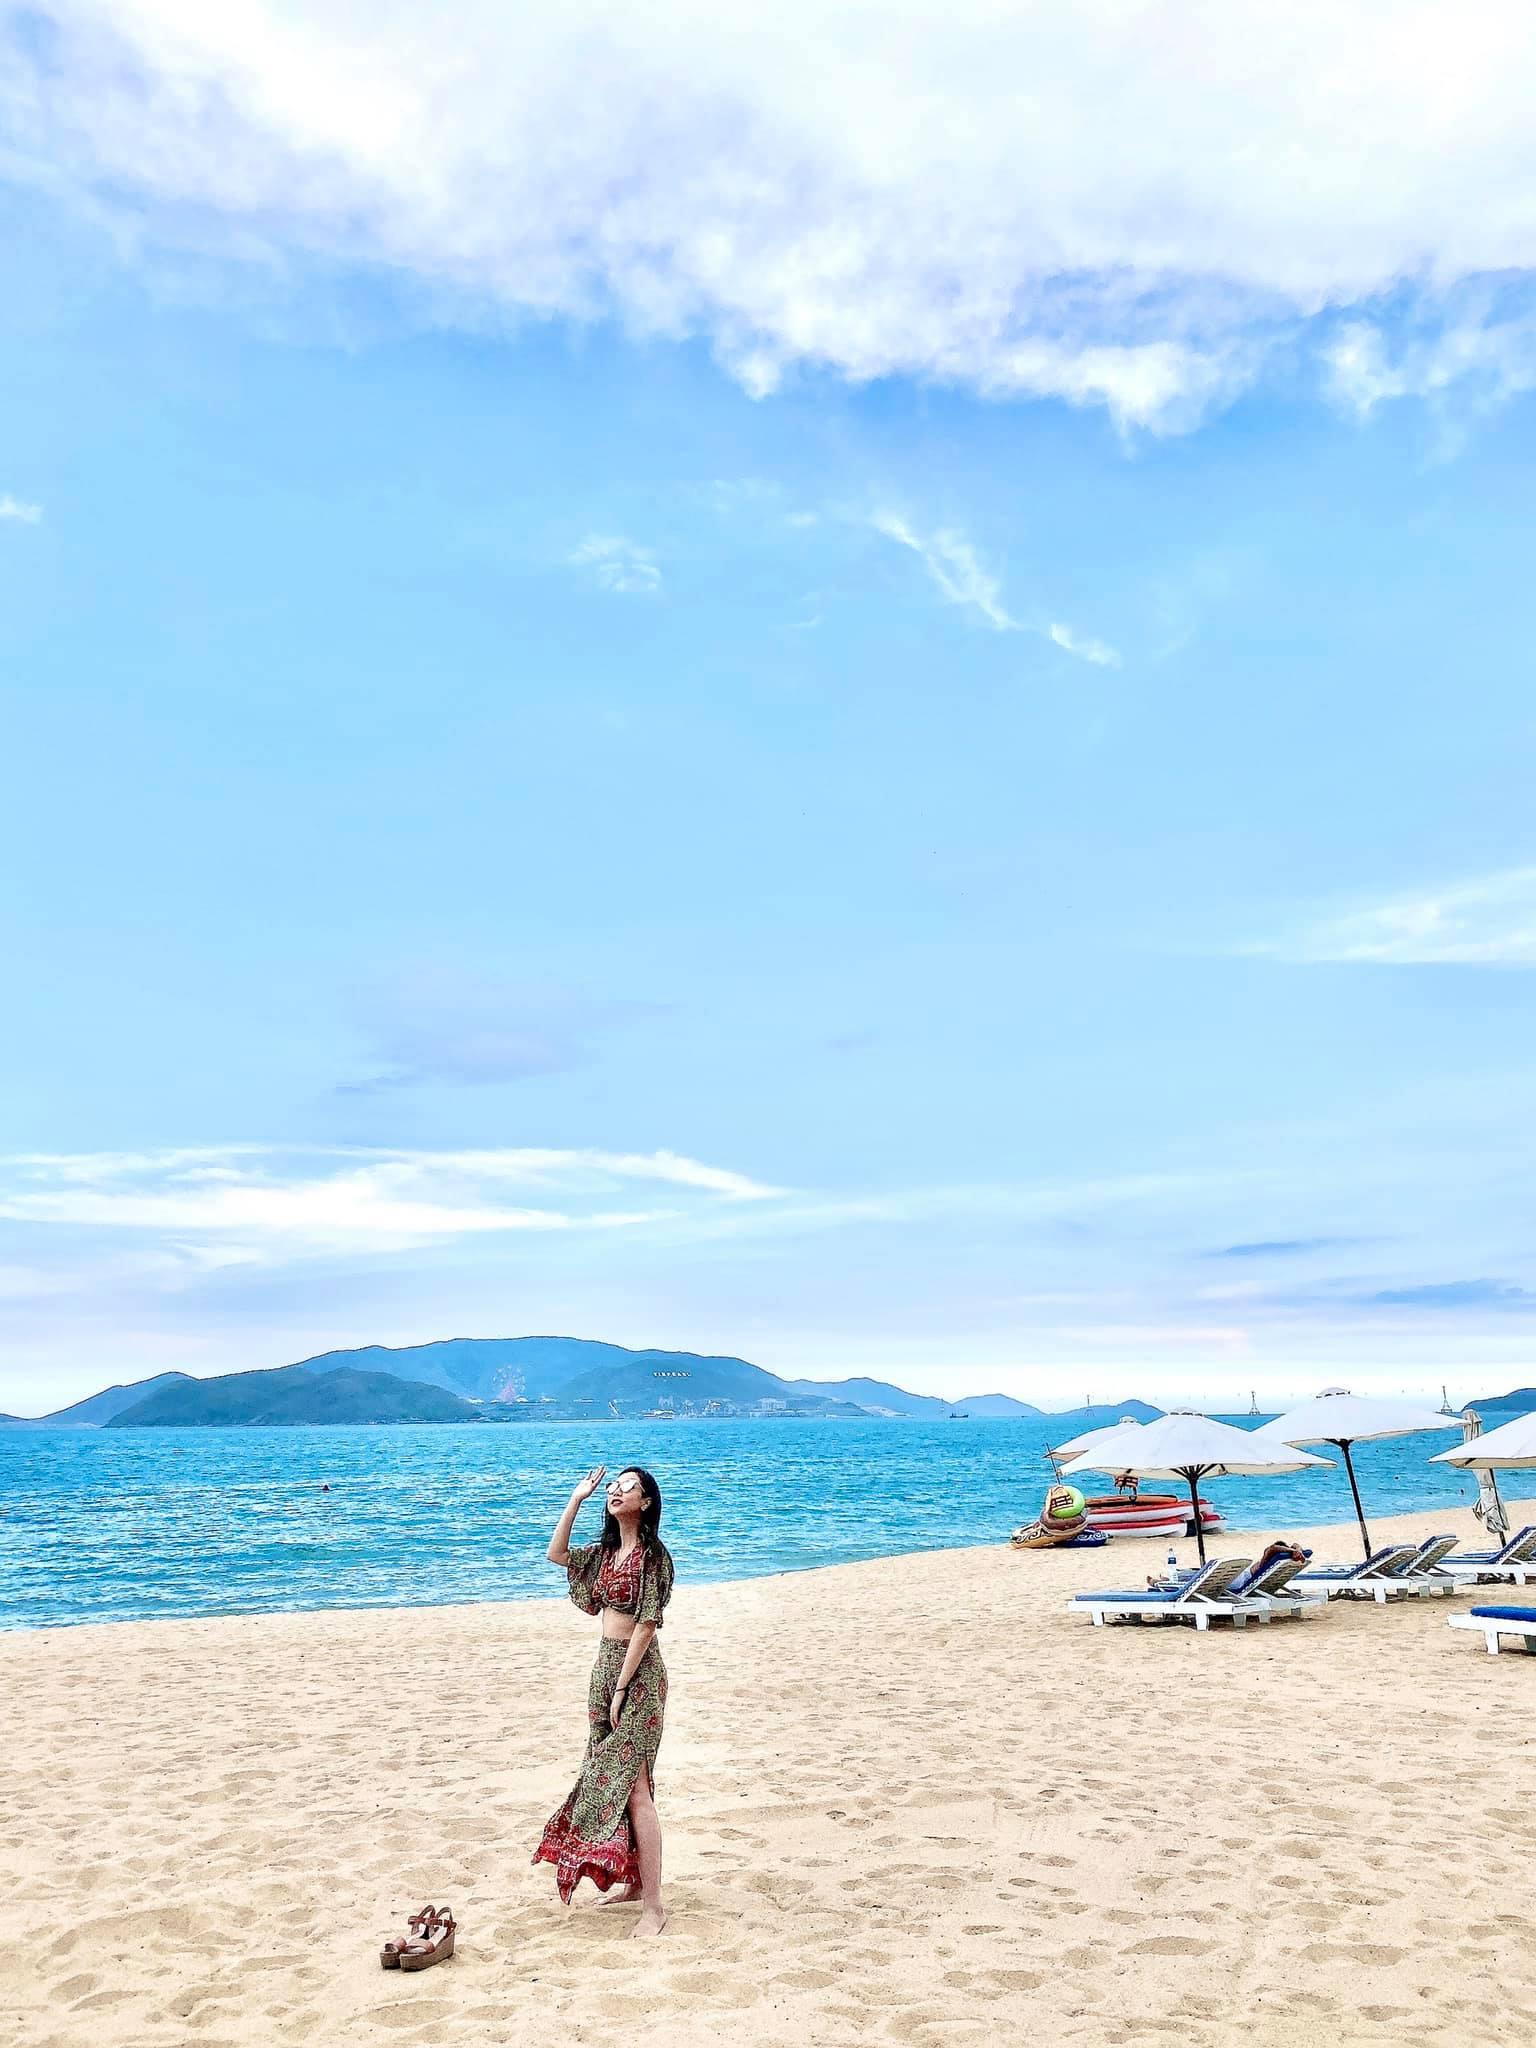 Tour du lịch Nha Trang khởi hành từ Hà Nội: Giảm giá sốc nhiều gói tour trong dịp hè này  - Ảnh 6.